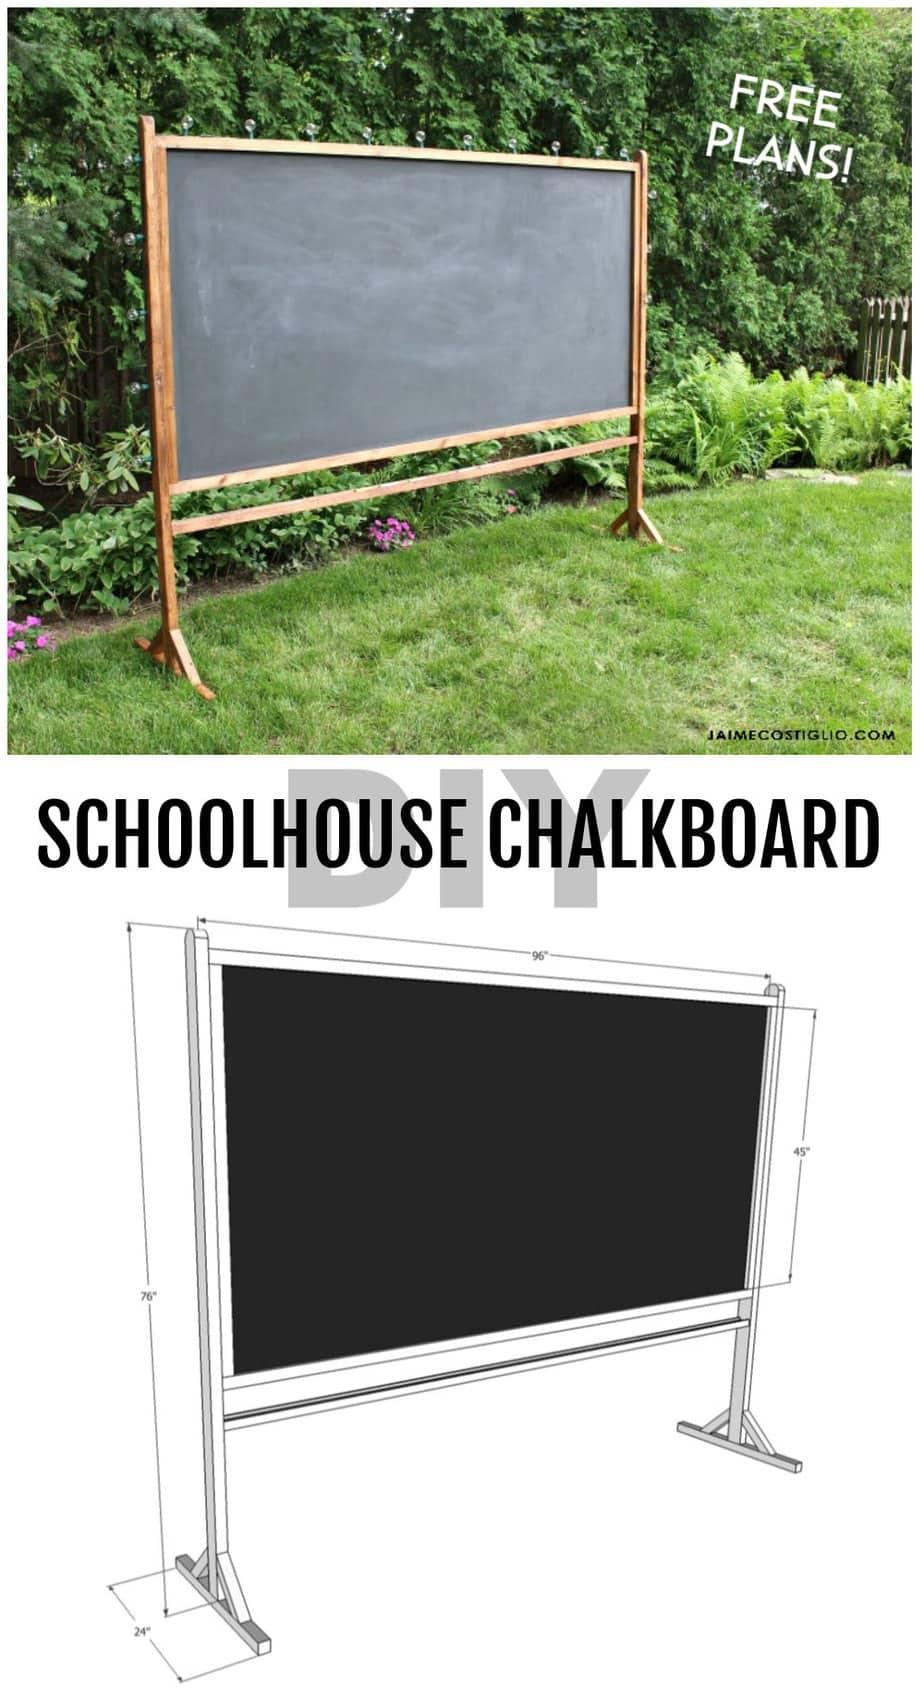 free plans schoolhouse chalkboard